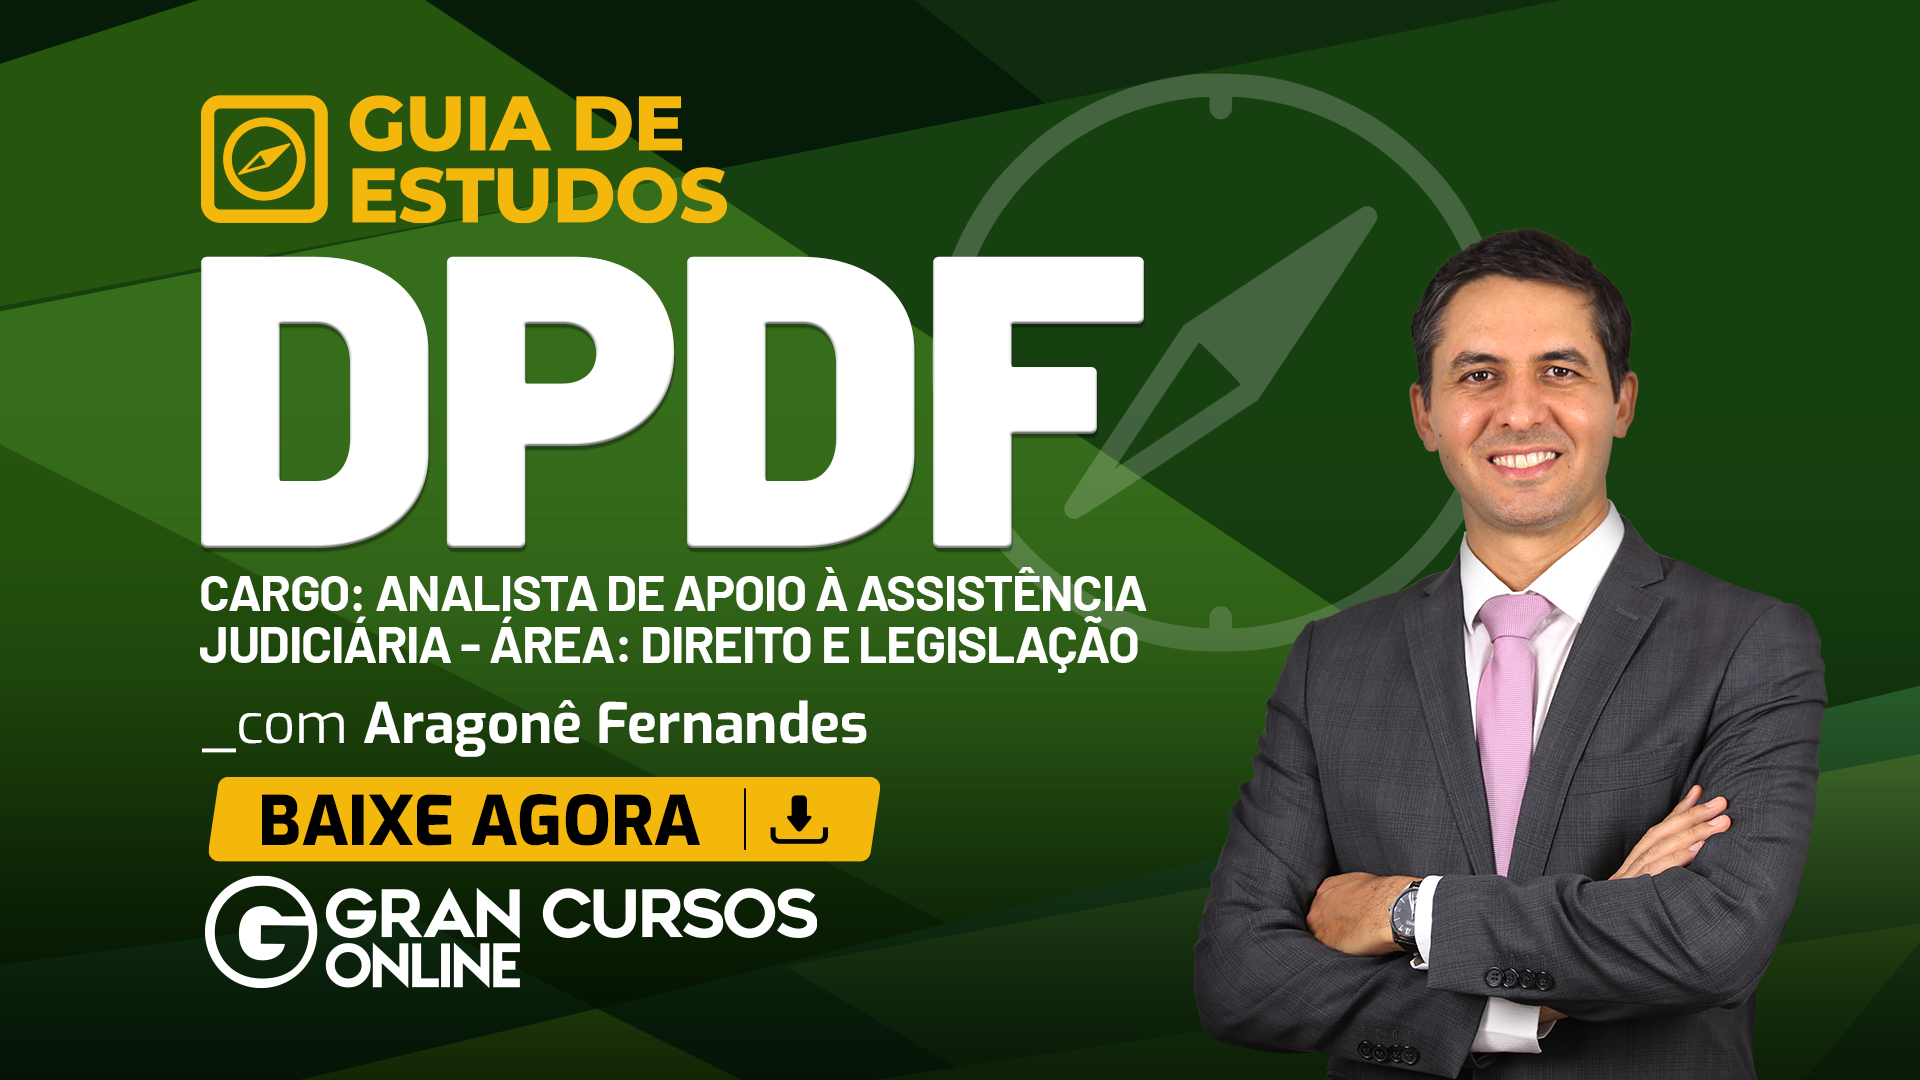 Guia-de-Estudos-DPDF-youtube-